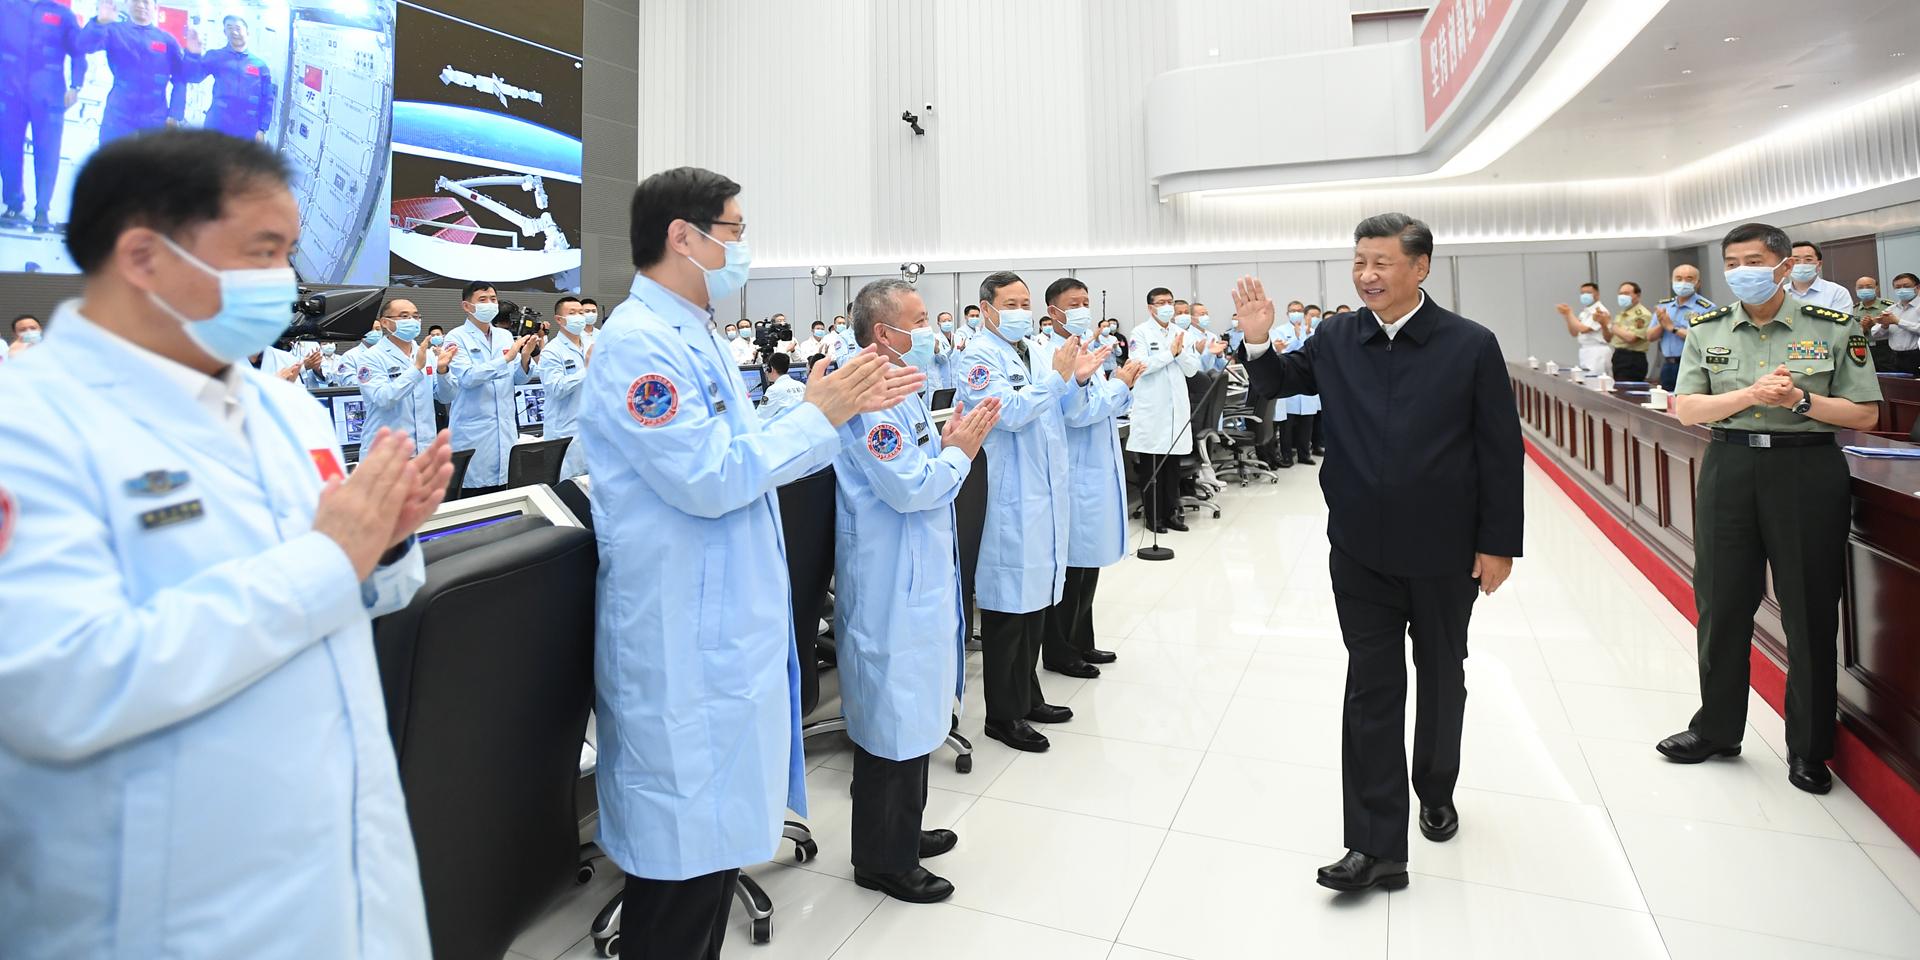 中國航天事業的重要裏程碑